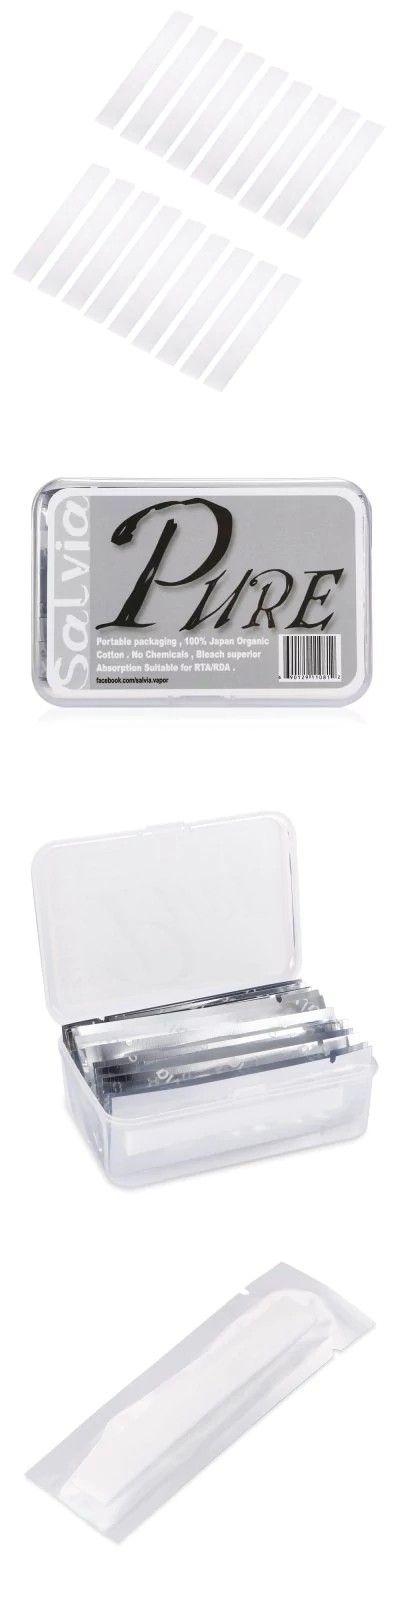 Super Soft Pure Cotton 18pcs -$3.93